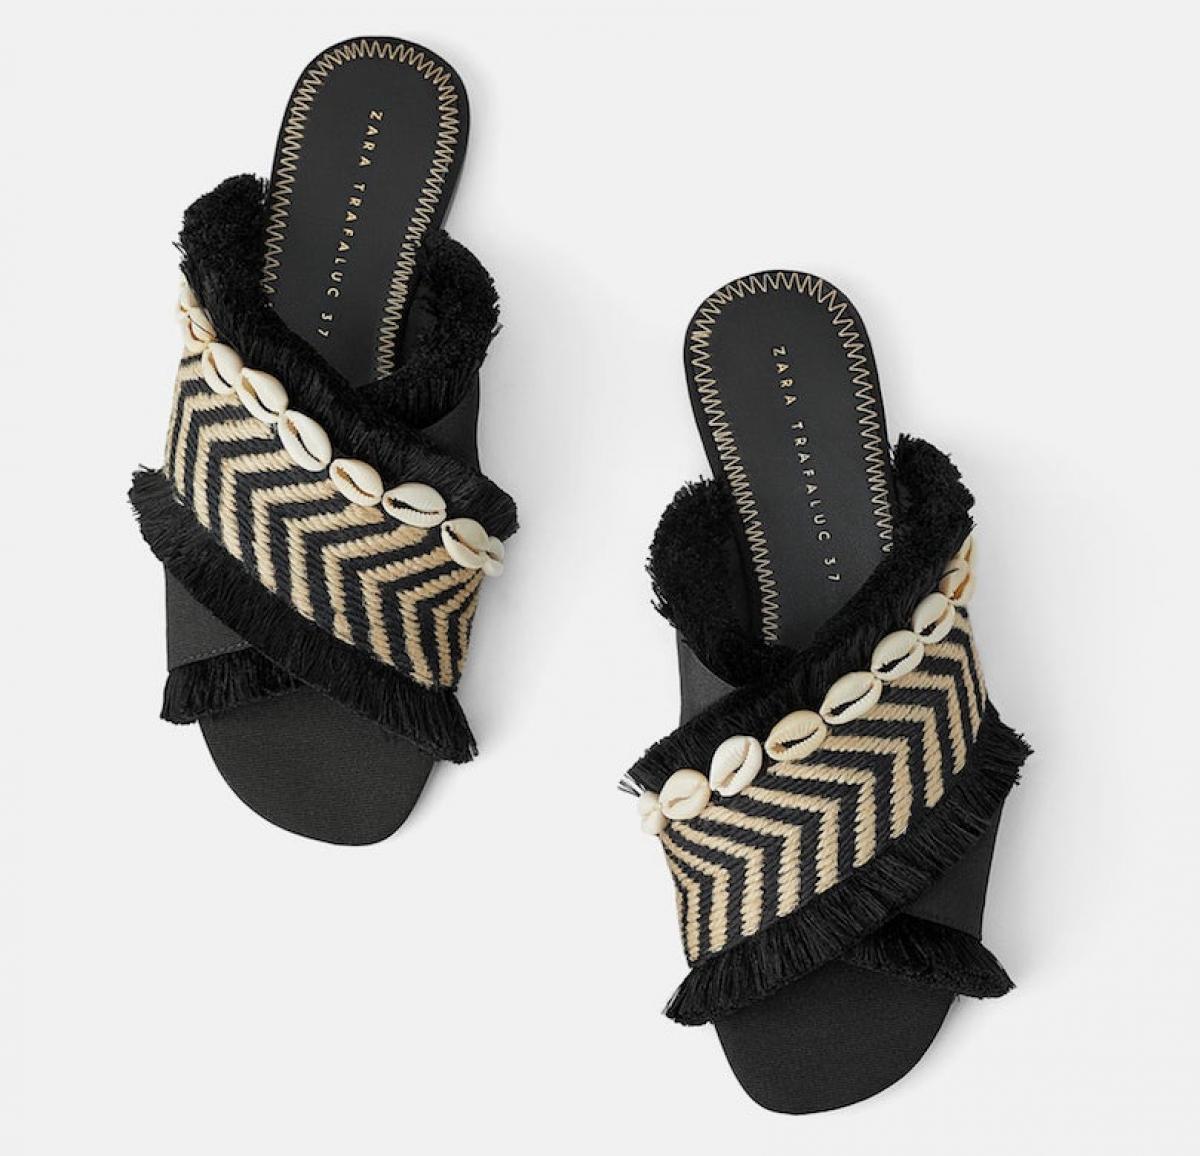 La Más Zapatos Nueva Del De Zara Momento Colección Es Irresistible PTOwXZkiul